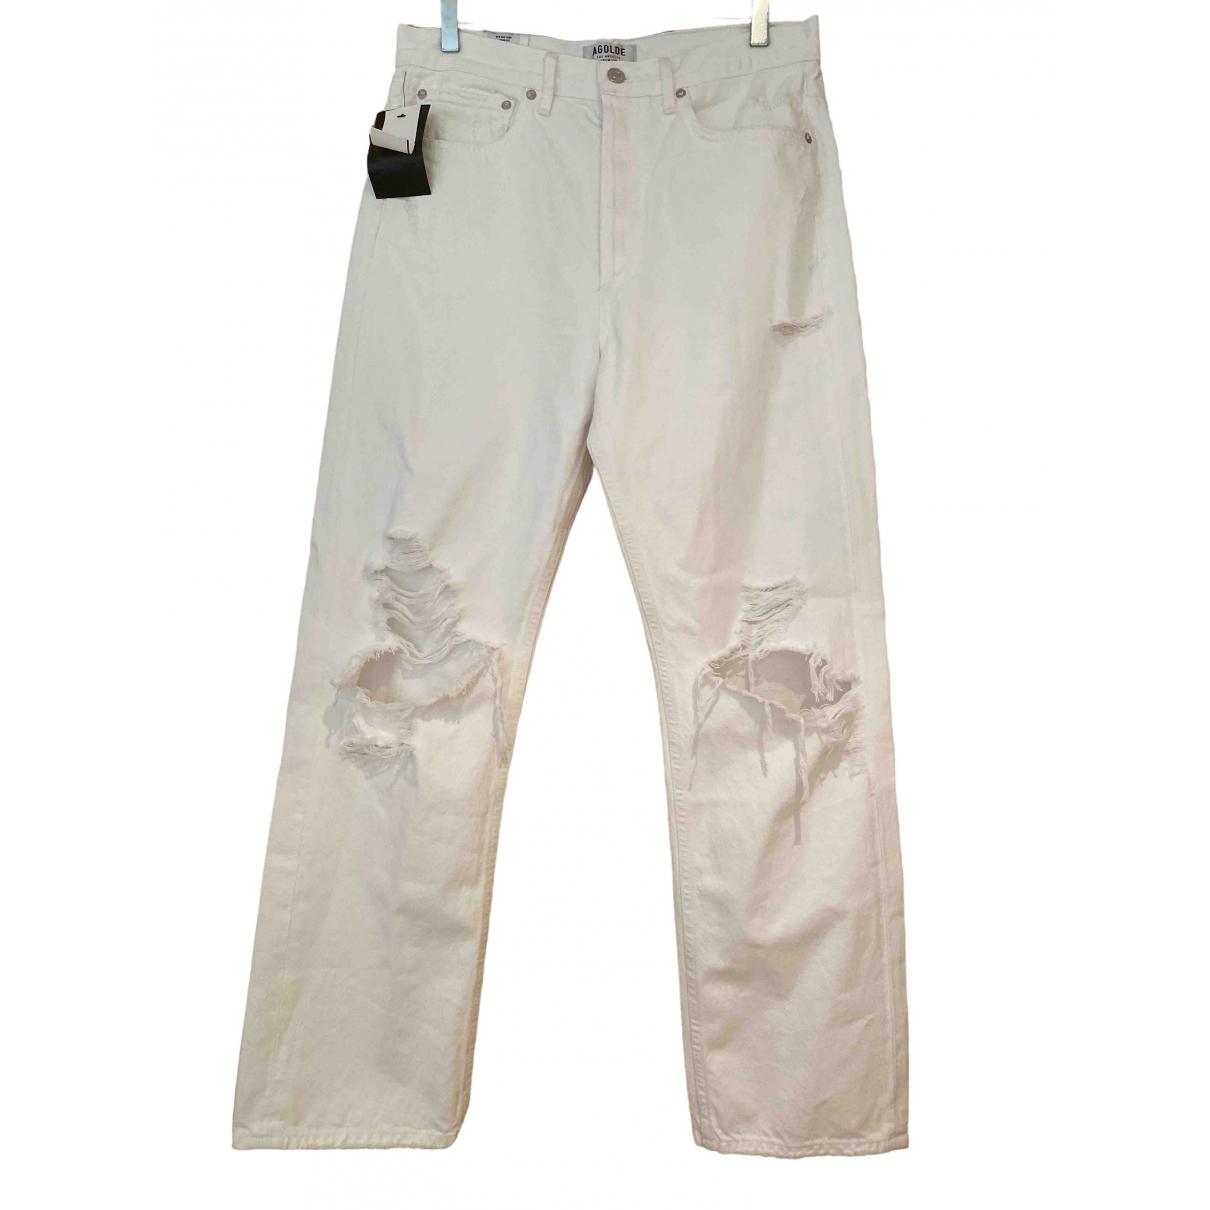 Agolde \N White Denim - Jeans Jeans for Women 28 US